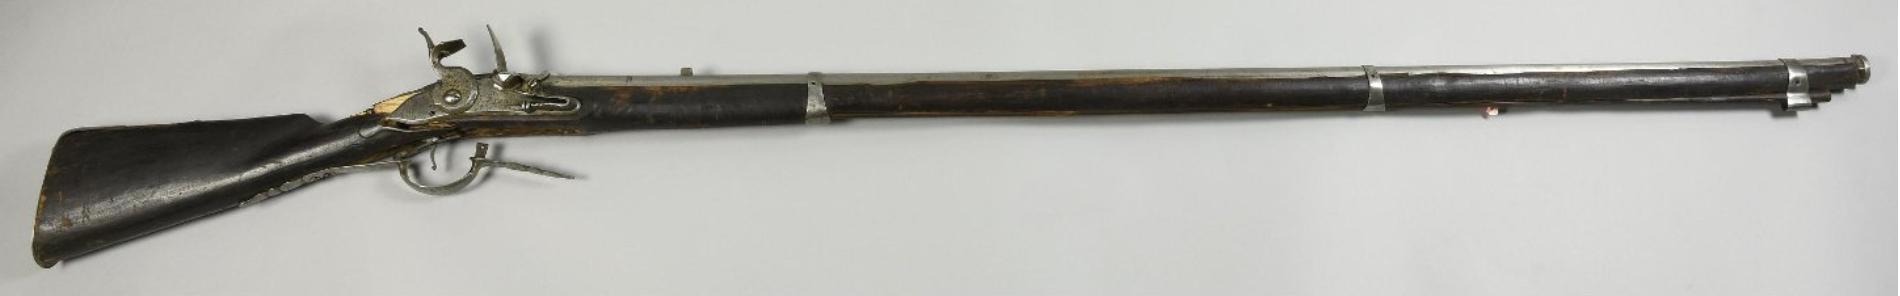 Ружье кремневое солдатское пехотное (фузея) Россия. 1727 г. Сталь, дерево, латунь; ковка,